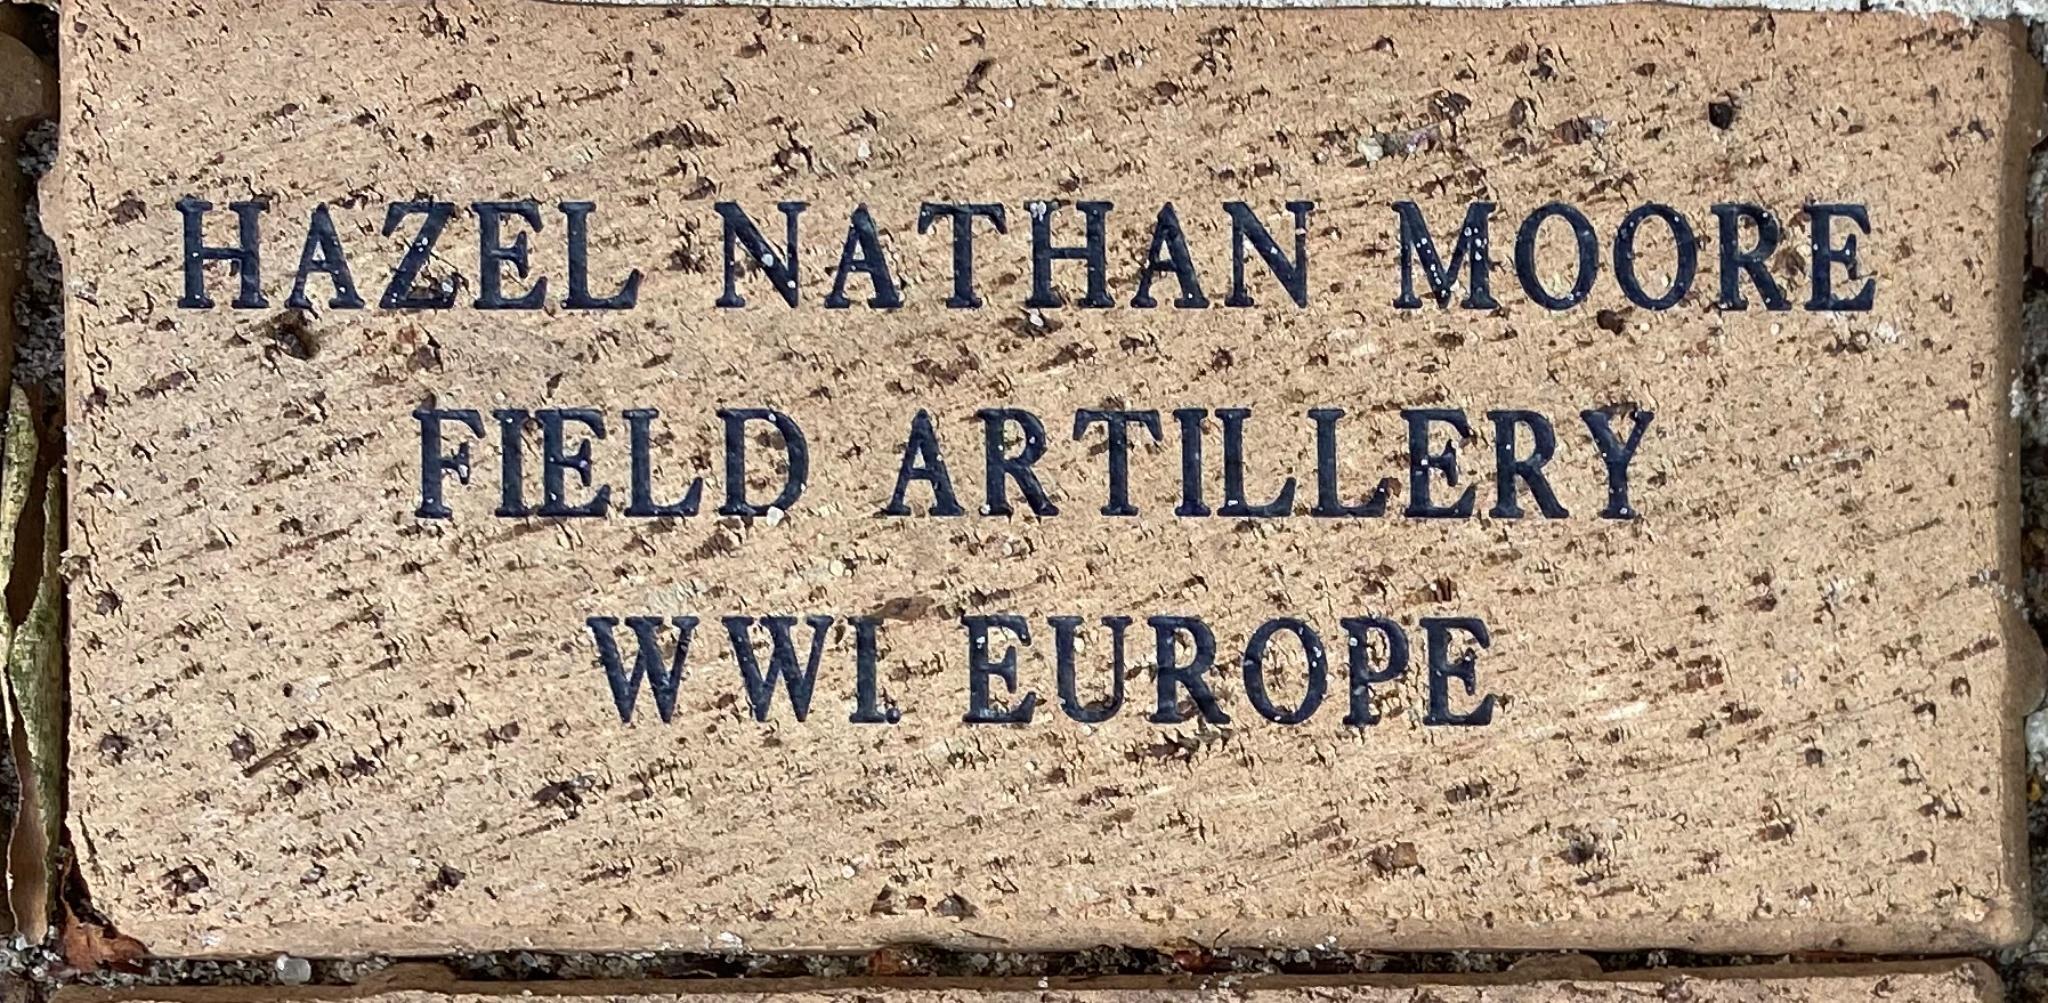 HAZEL NATHAN MOORE FIELD ARTILLERY WWI EUROPE